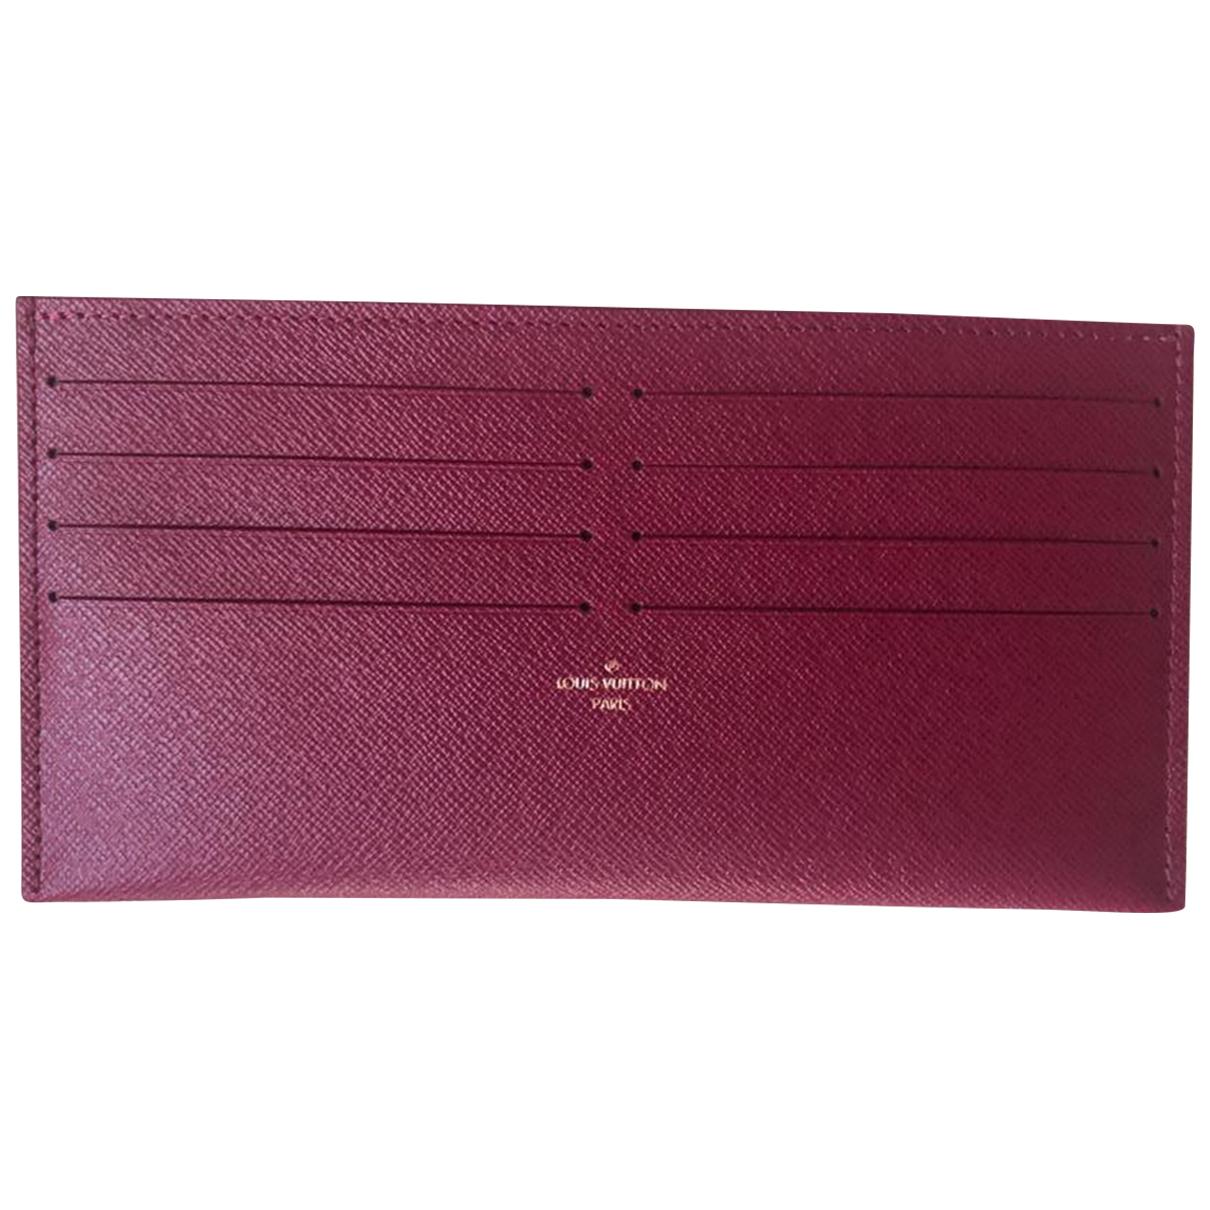 Louis Vuitton - Petite maroquinerie   pour femme en cuir - bordeaux